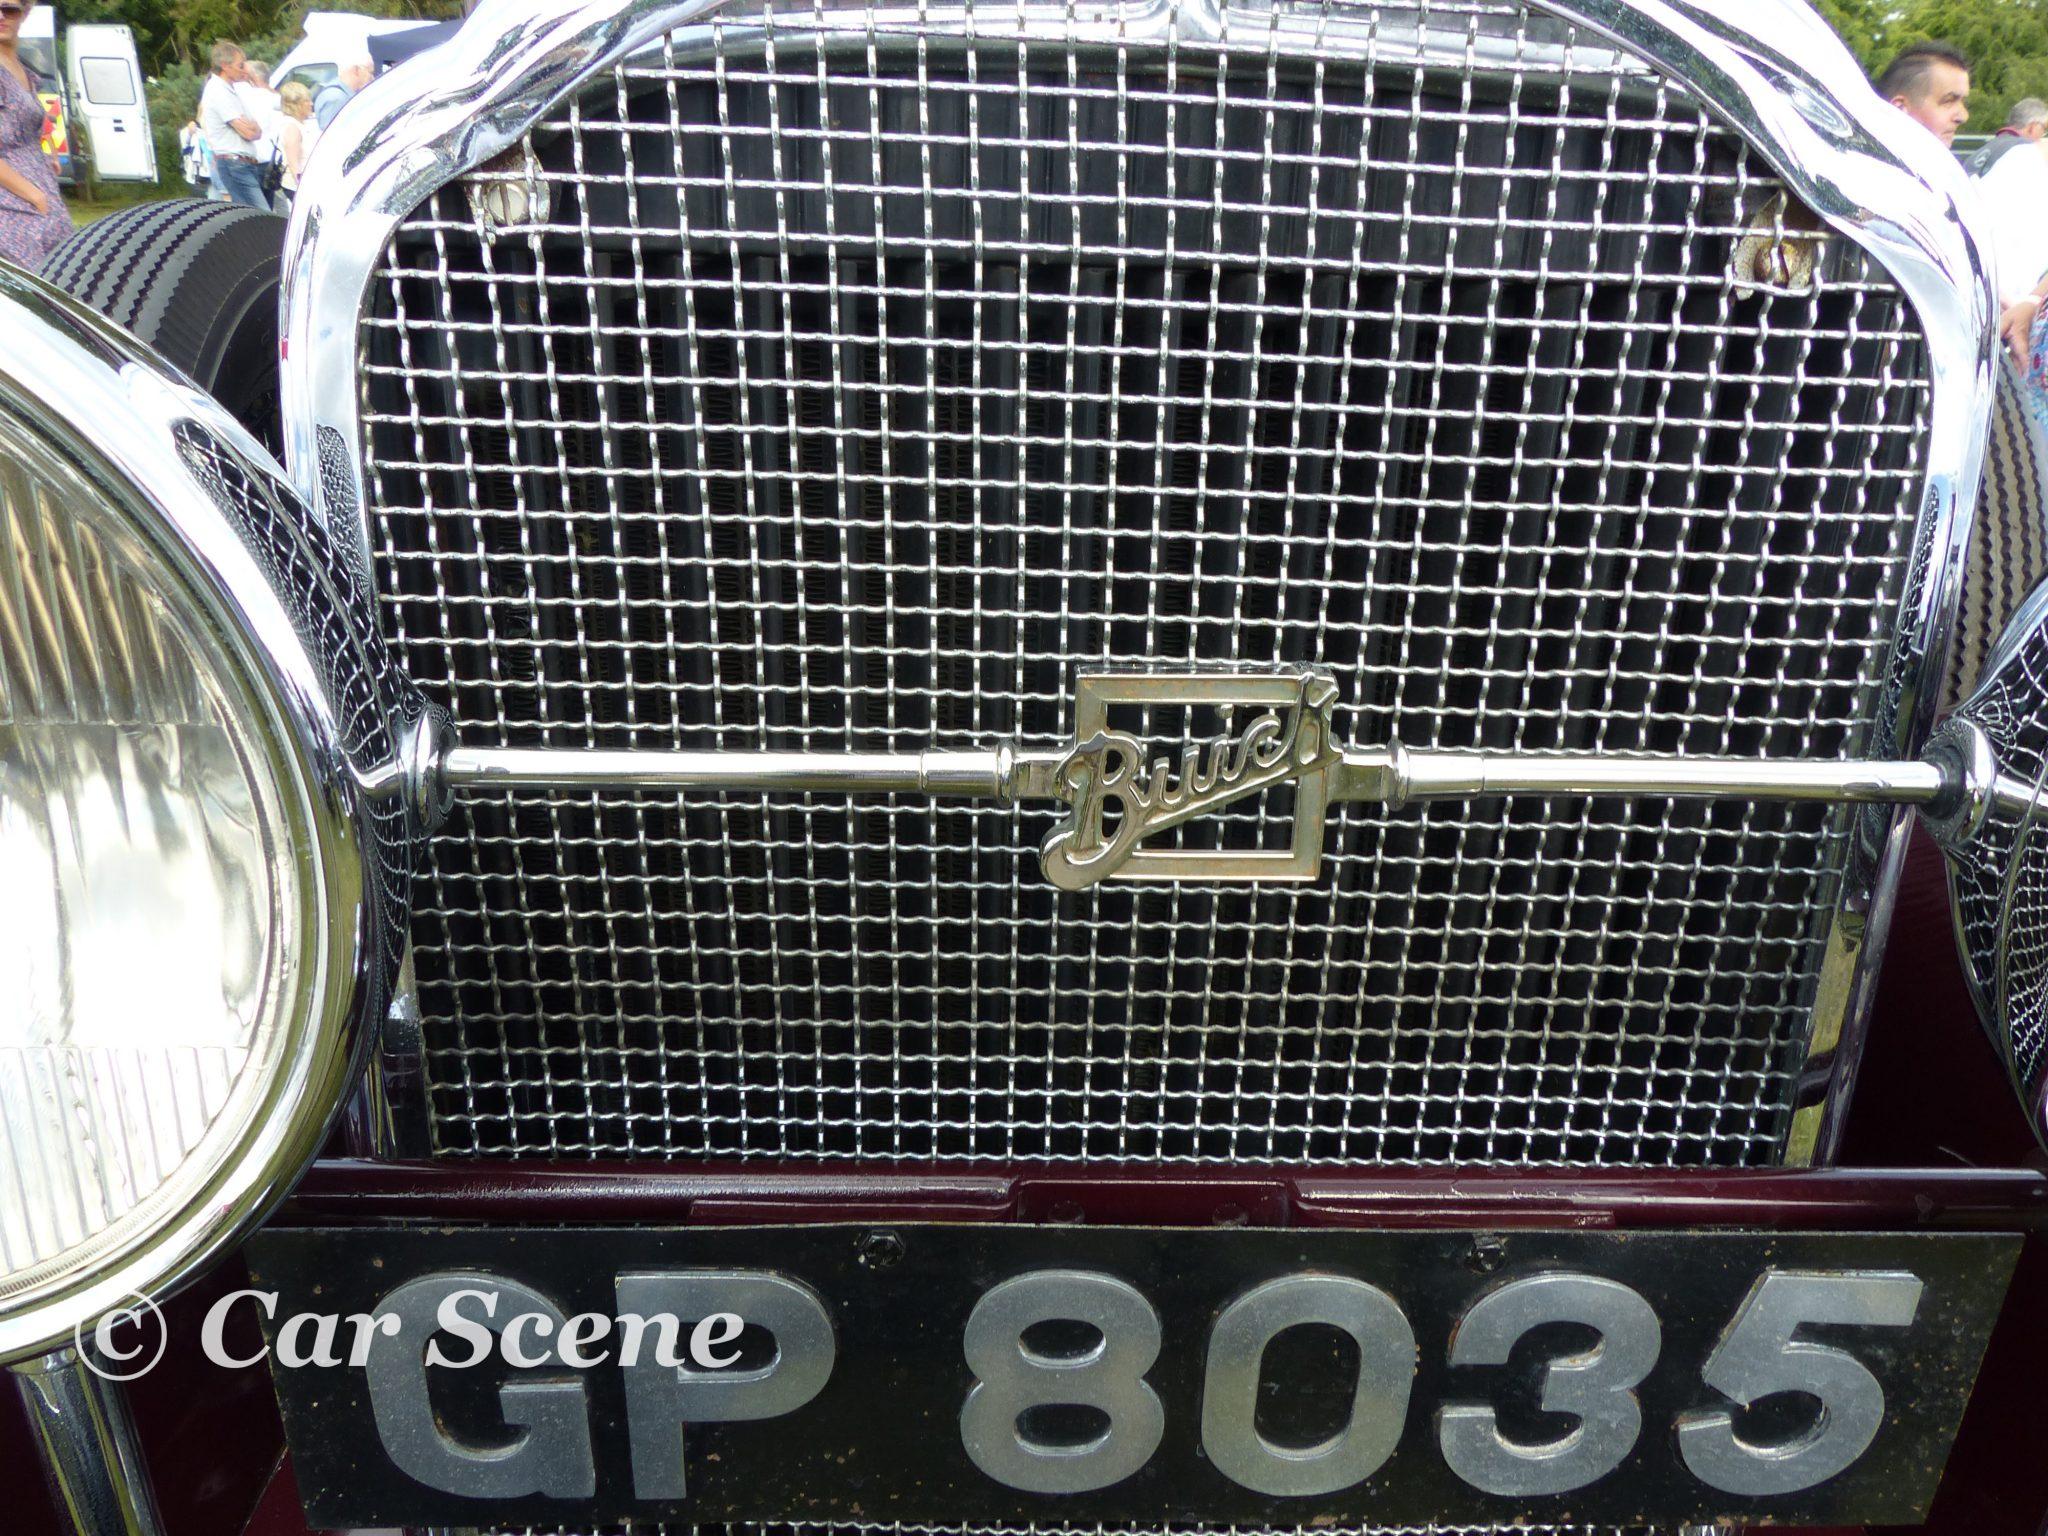 1931 Buick 4 Door Sedane grille badge